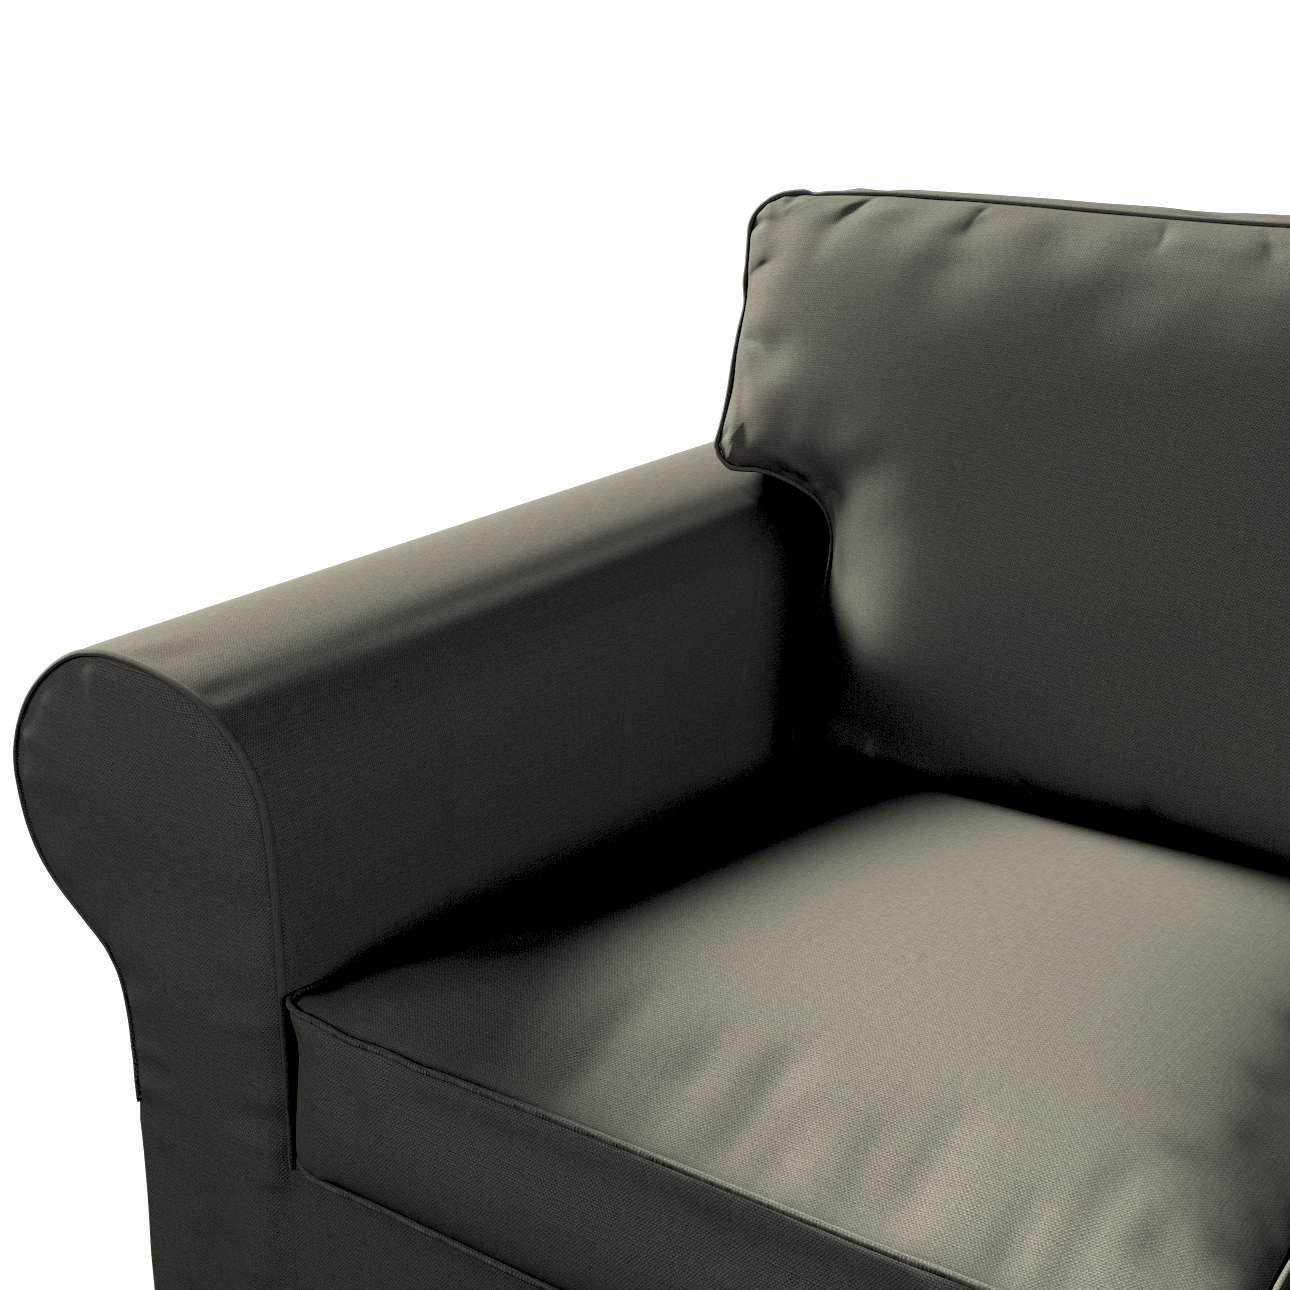 Bezug für Ektorp 3-Sitzer Schlafsofa, neues Modell (2013) von der Kollektion Living, Stoff: 161-55